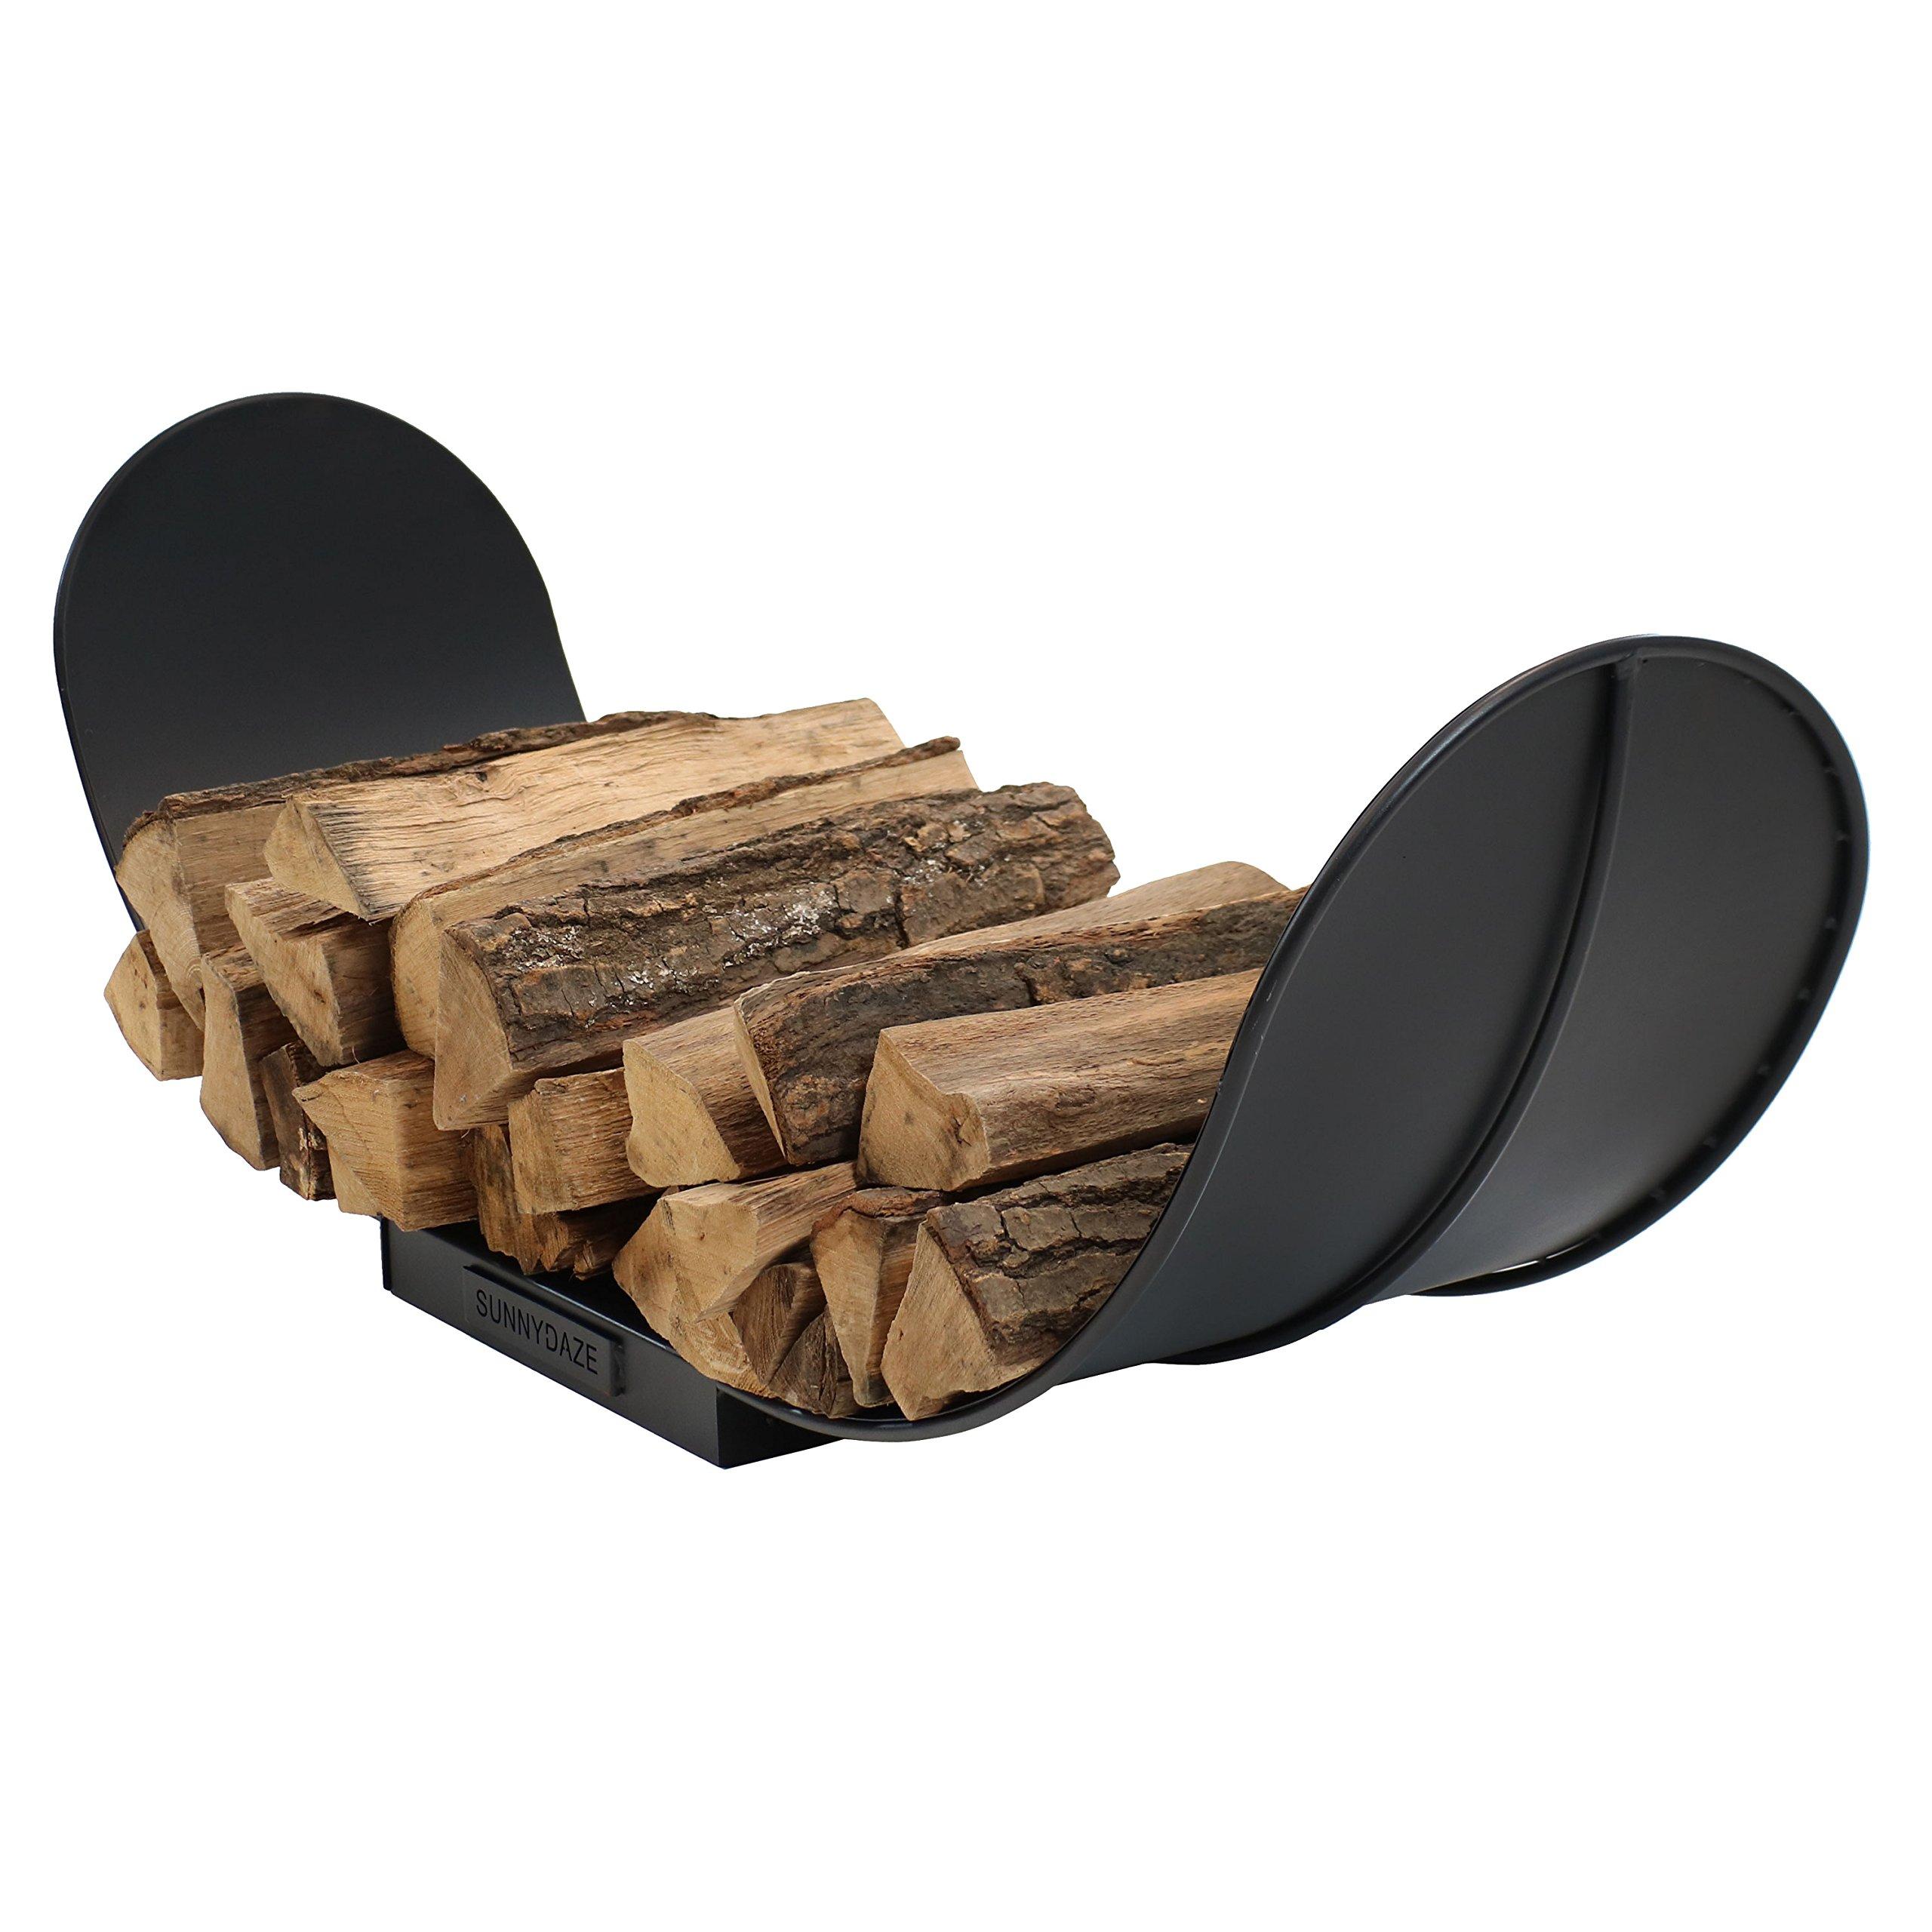 Sunnydaze Curved Black Steel Outdoor Firewood Log Rack, 4-Foot